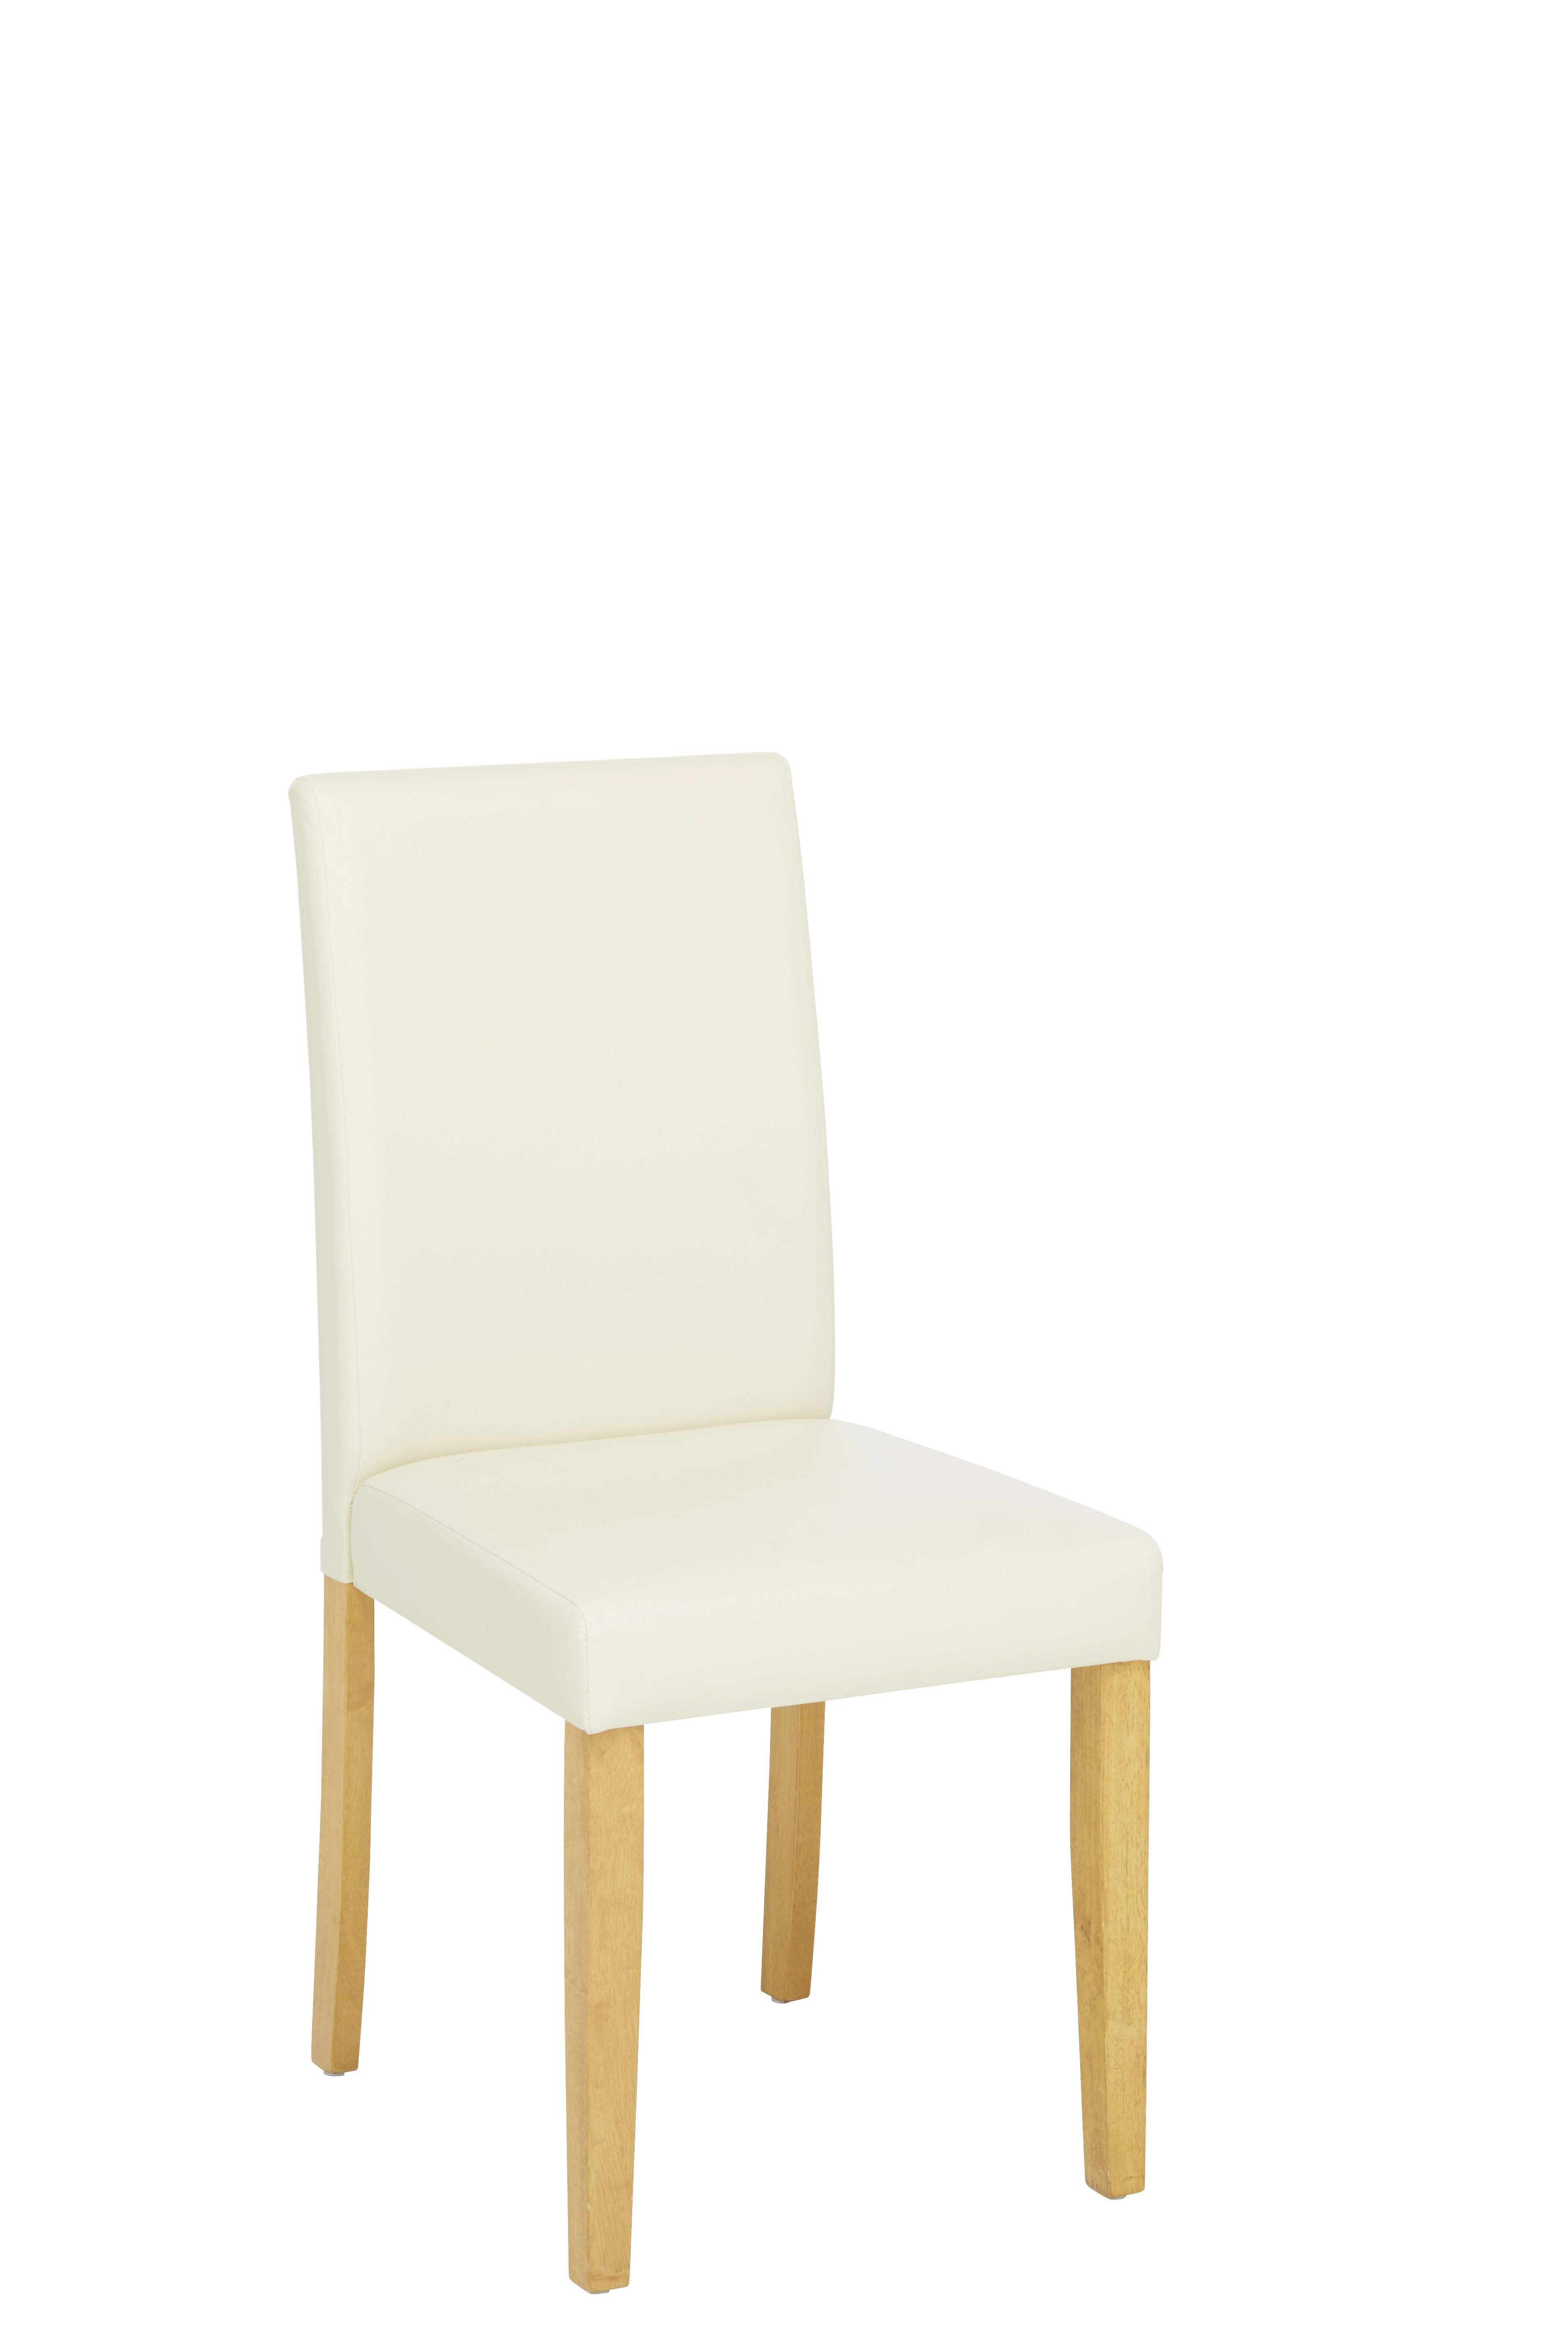 Stuhl in Creme/Eiche aus Holz - Eichefarben/Creme, KONVENTIONELL, Holz/Textil (45/95/55cm) - BASED